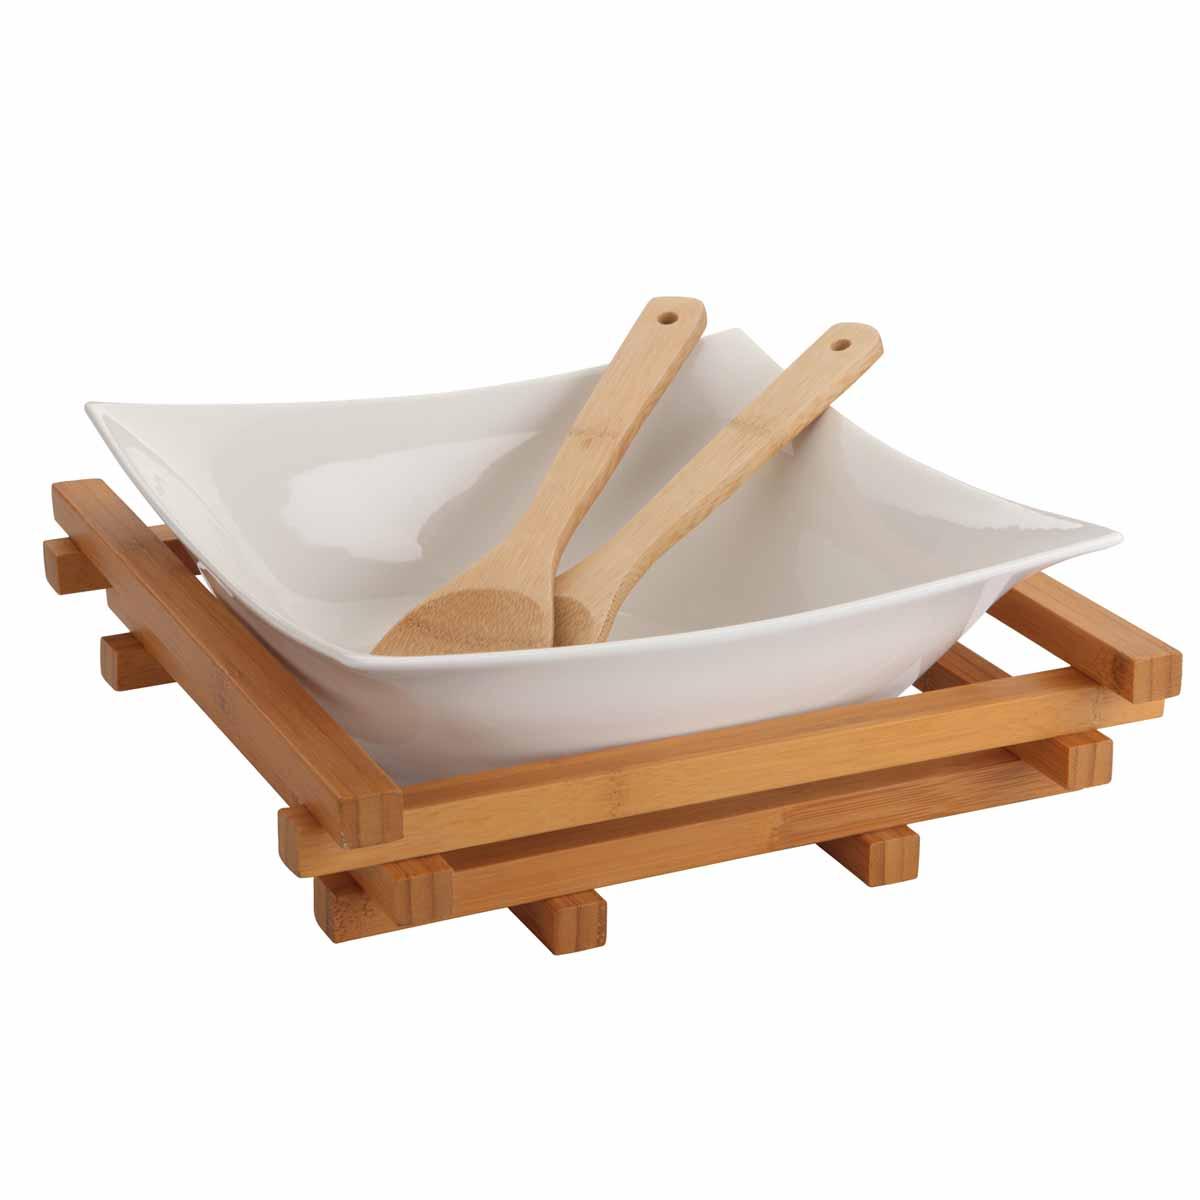 Салатница Dekok, с 2 ложками, с подставкой, 25 см х 25 смPW-2712Салатница Dekok изготовлена из фарфора и имеет оригинальную форму. Посуда безопасна для здоровья и окружающей среды. Изделие размещено на подставке, выполненной из бамбука. Такая салатница прекрасно подходит для различных блюд: хлопьев, салатов и многого другого. Она дополнит коллекцию вашей кухонной посуды и будет служить долгие годы. В наборе - 2 сервировочные ложки, выполненные из бамбука. Размер салатницы (по верхнему краю): 25 см х 25 см. Высота стенки салатницы: 9,5 см. Длина ложек: 29,5 см. Размер рабочей части ложек: 6 см х 8,5 см. Размер подставки: 28 см х 28 см х 7,6 см.